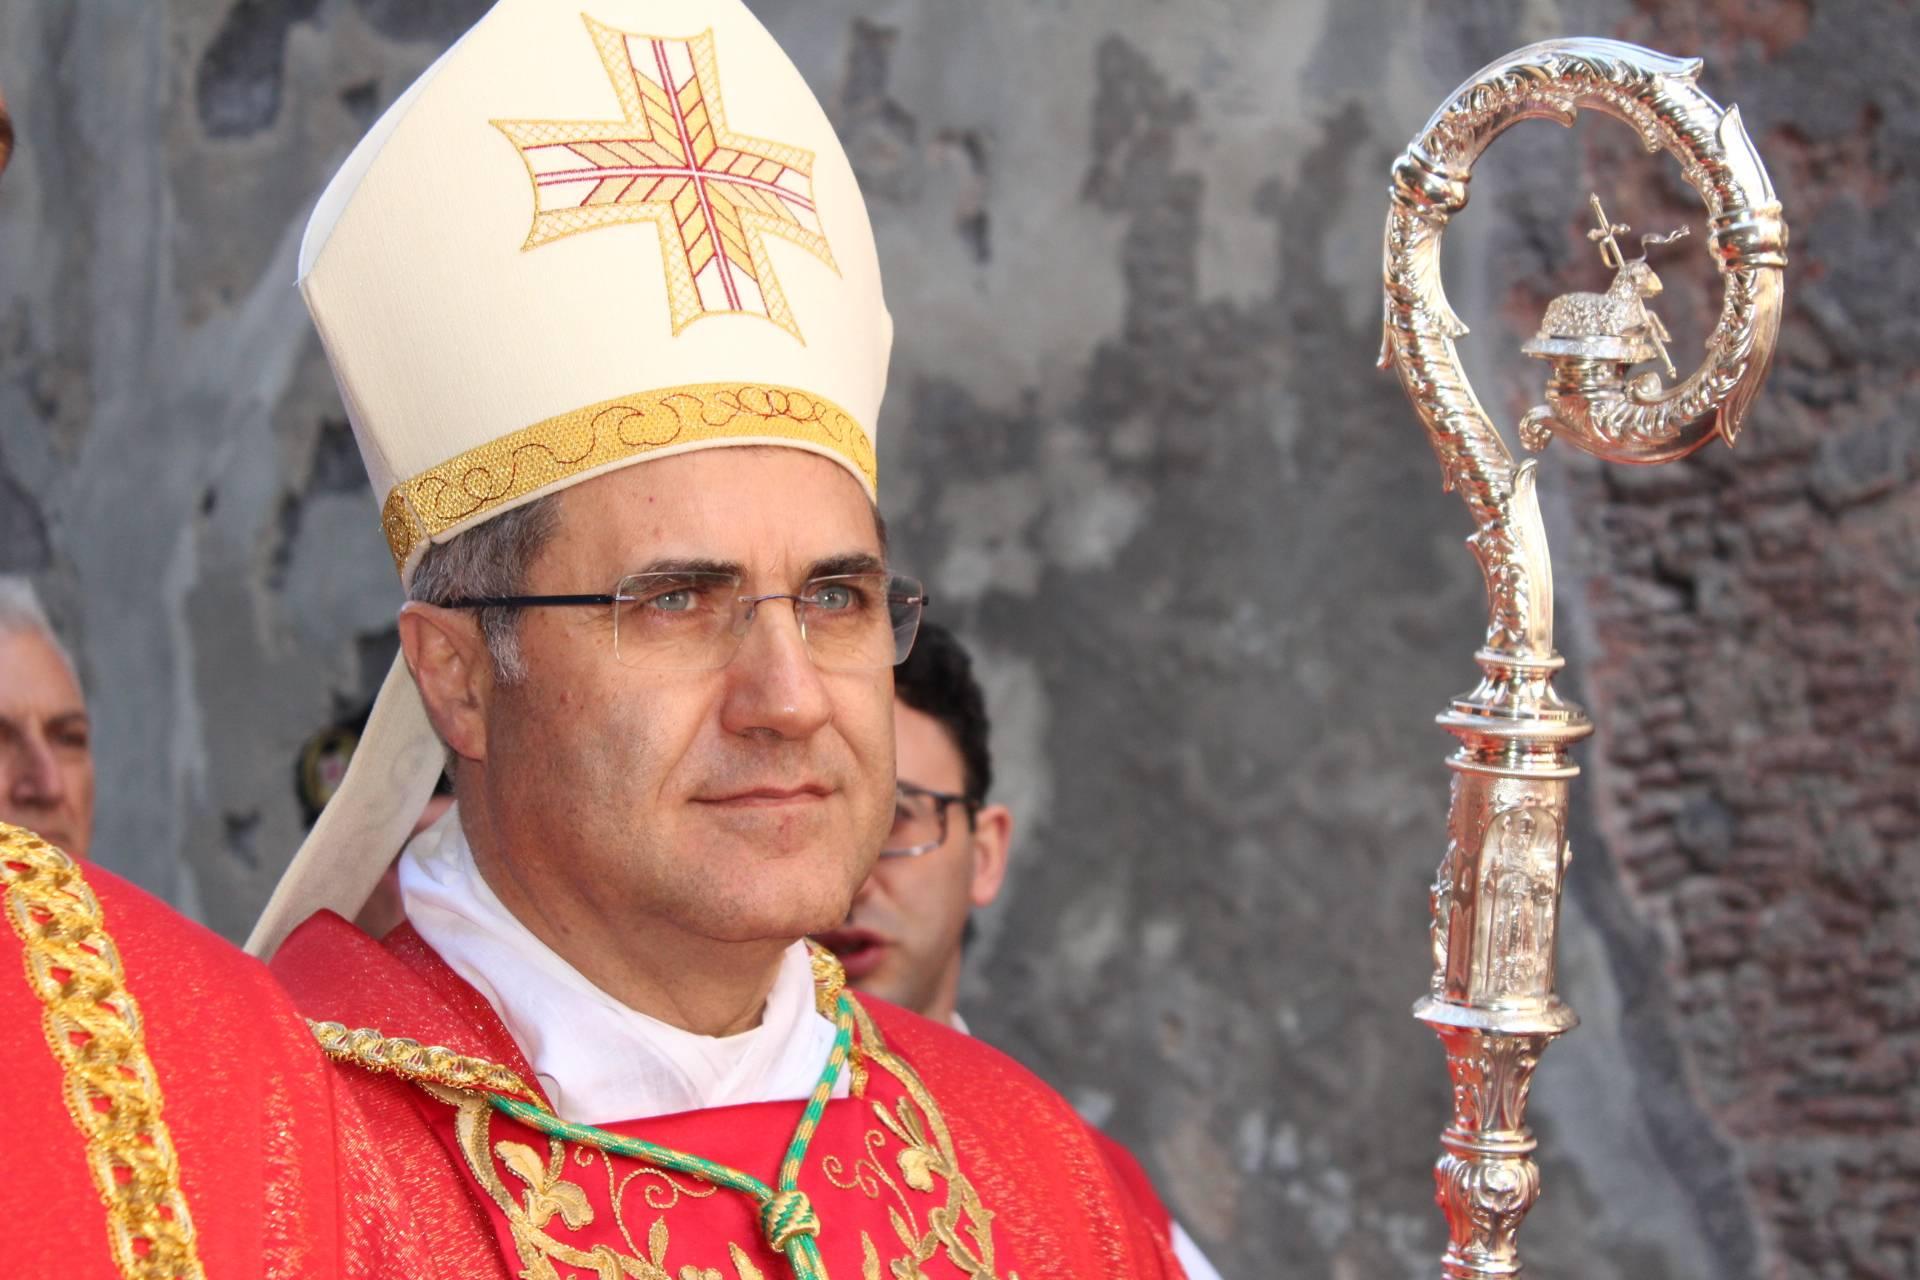 L'arcivescovo di Palermo, monsignor Corrado Lorefice.